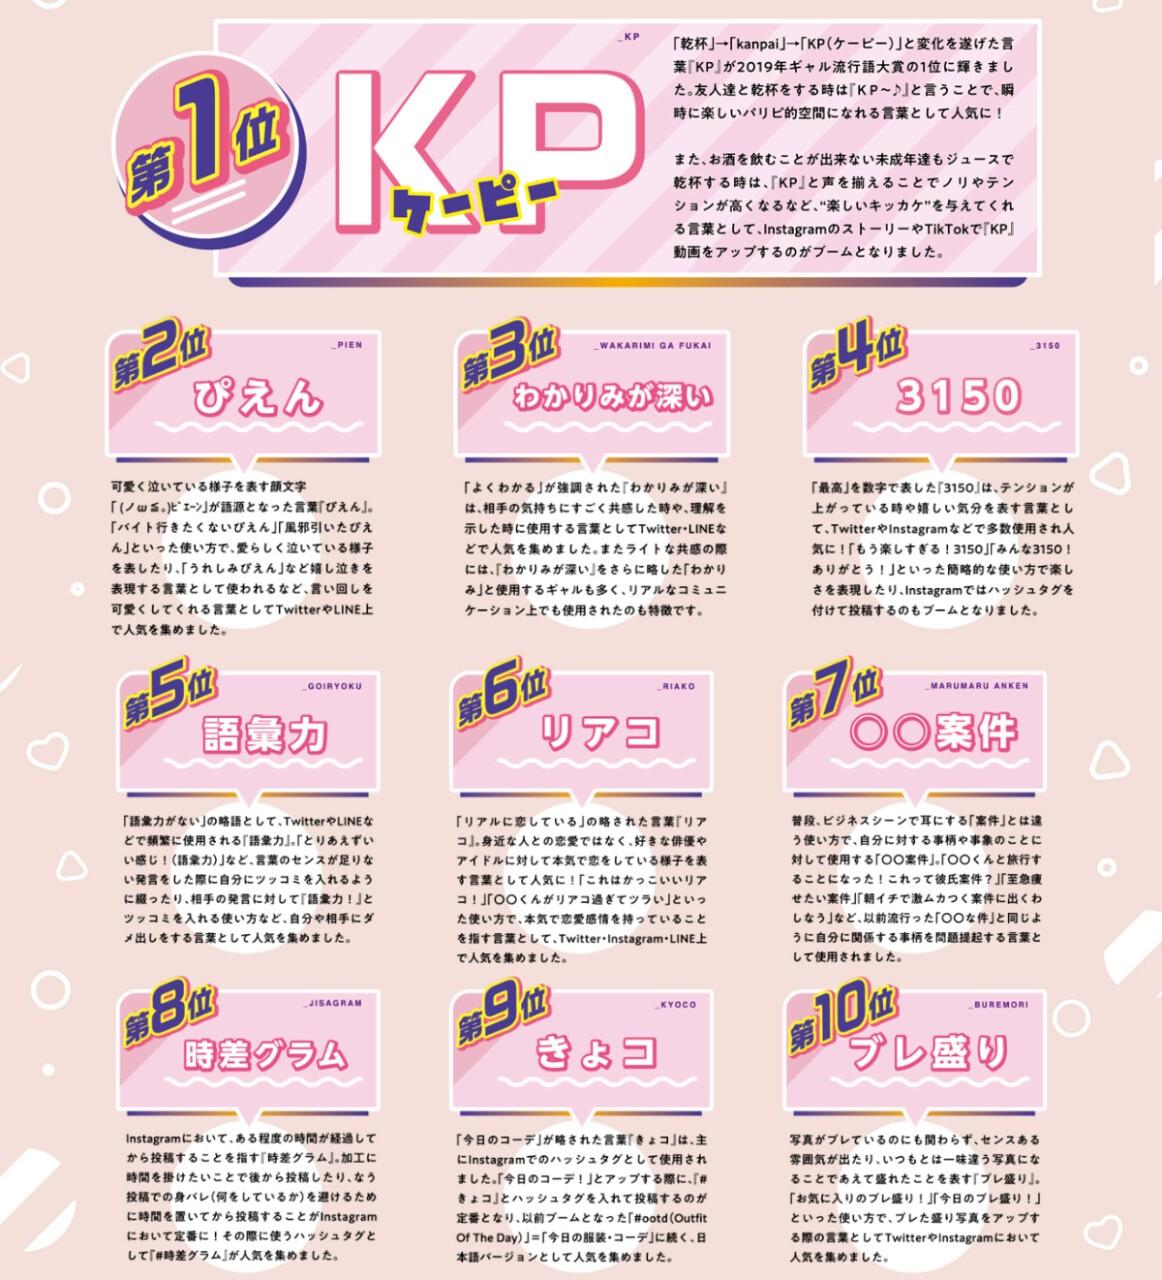 ネット 流行 語 大賞 2019